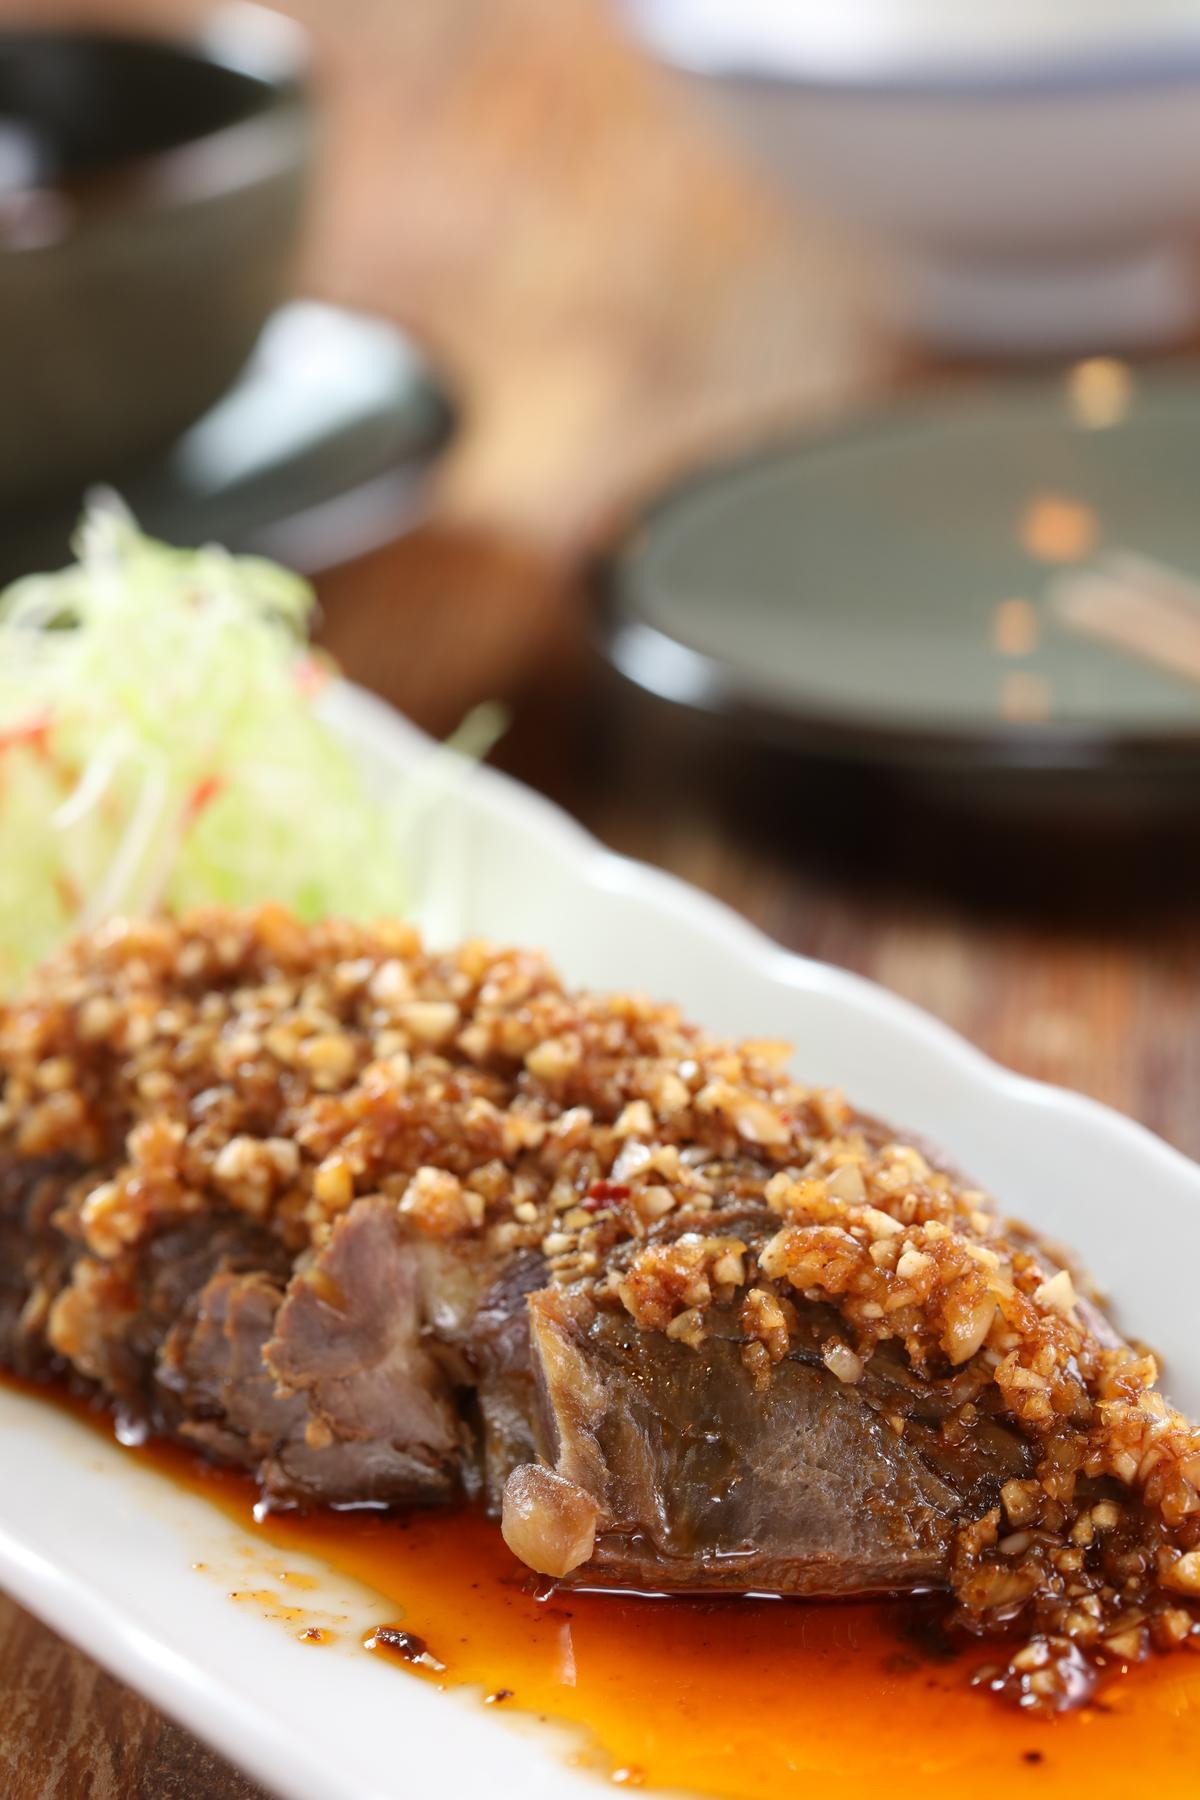 「飄香醬牛肉」的口感偏瘦、辛香料層次分明,適合搭配口感優雅的紅酒。(280元/份)